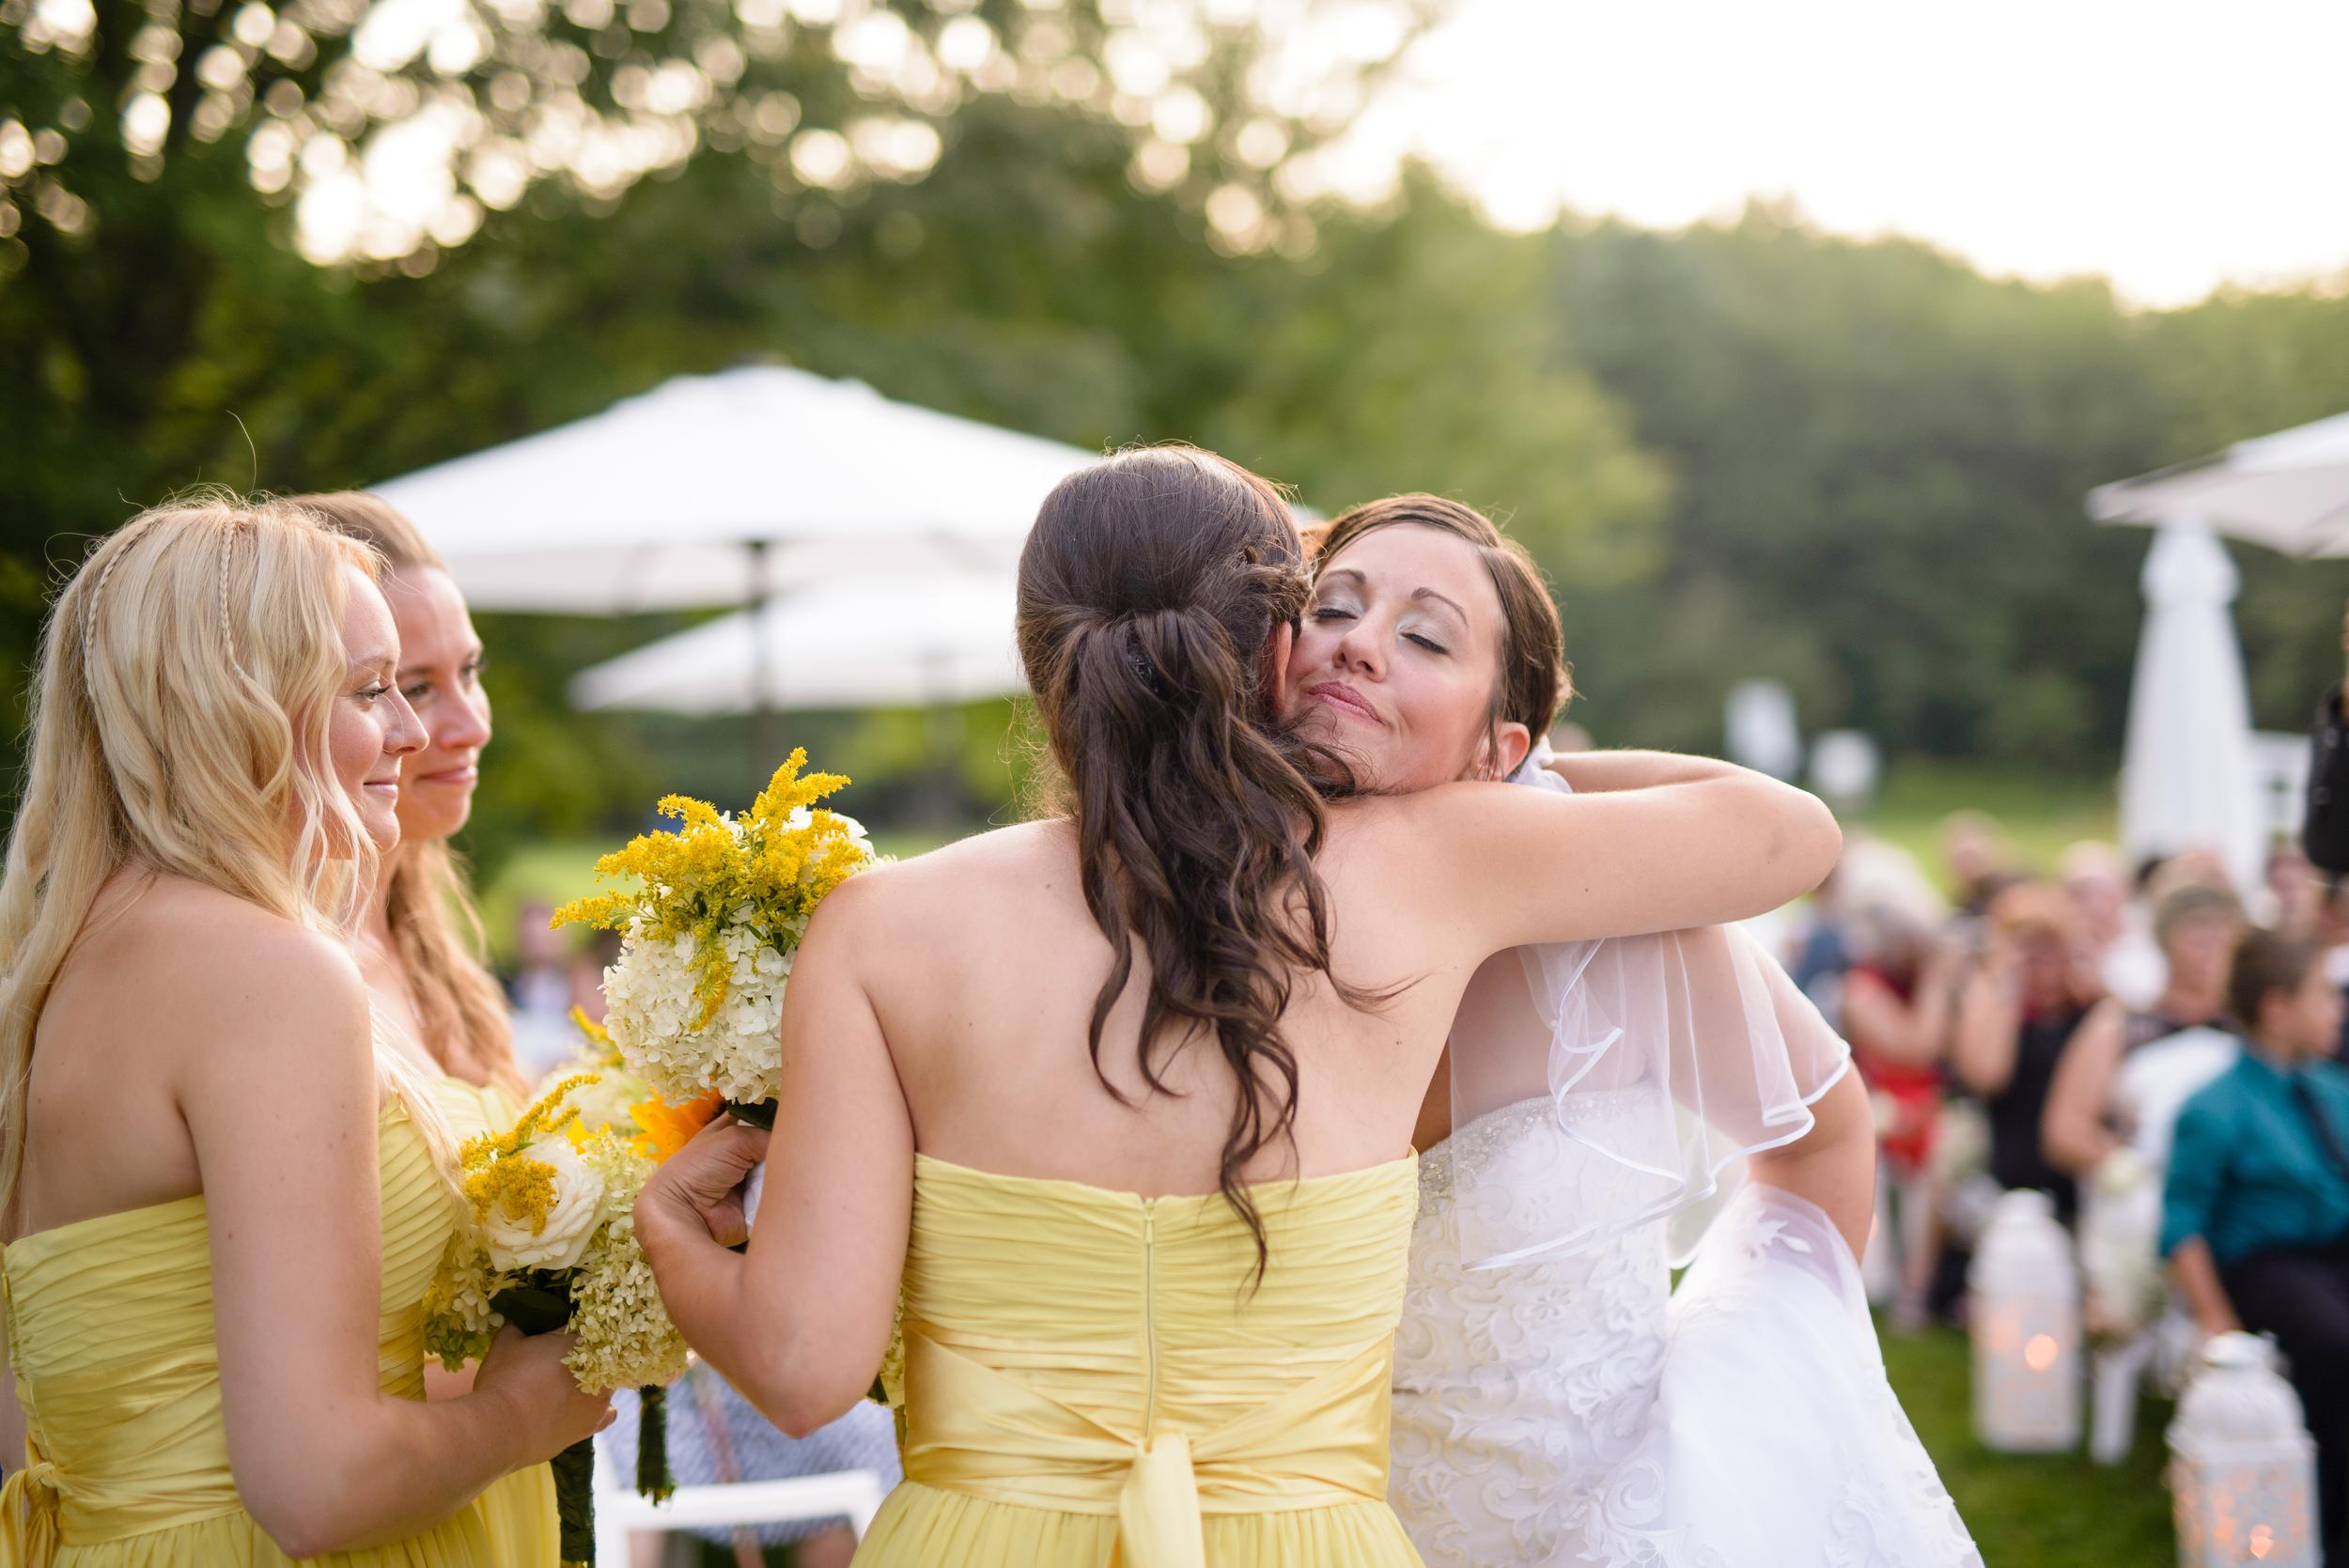 mariage_Marie-Eve_Nagant_Photographe-49.jpg